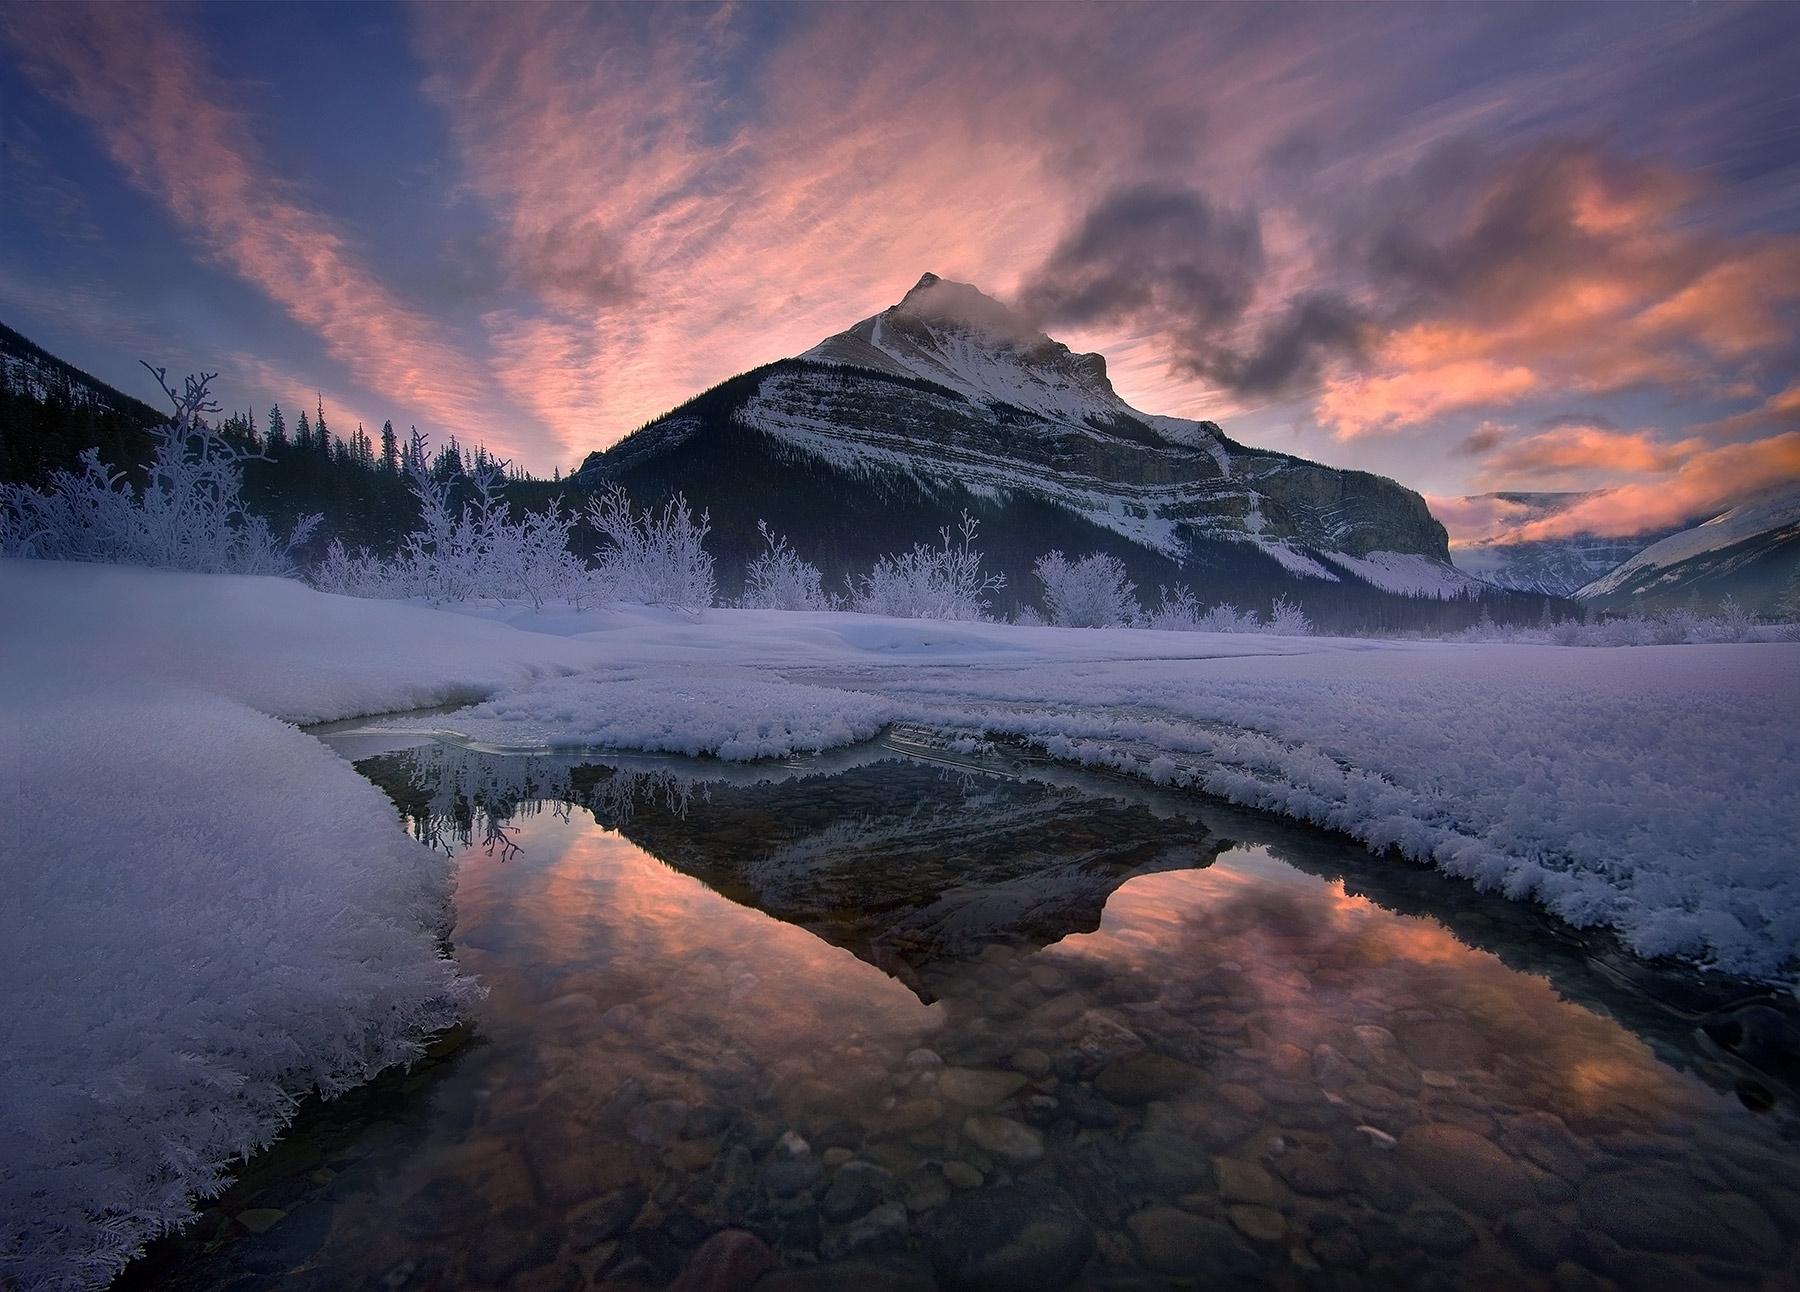 Vibrant, sunrise, misty, peaks, alberta, rockies, winter, photo